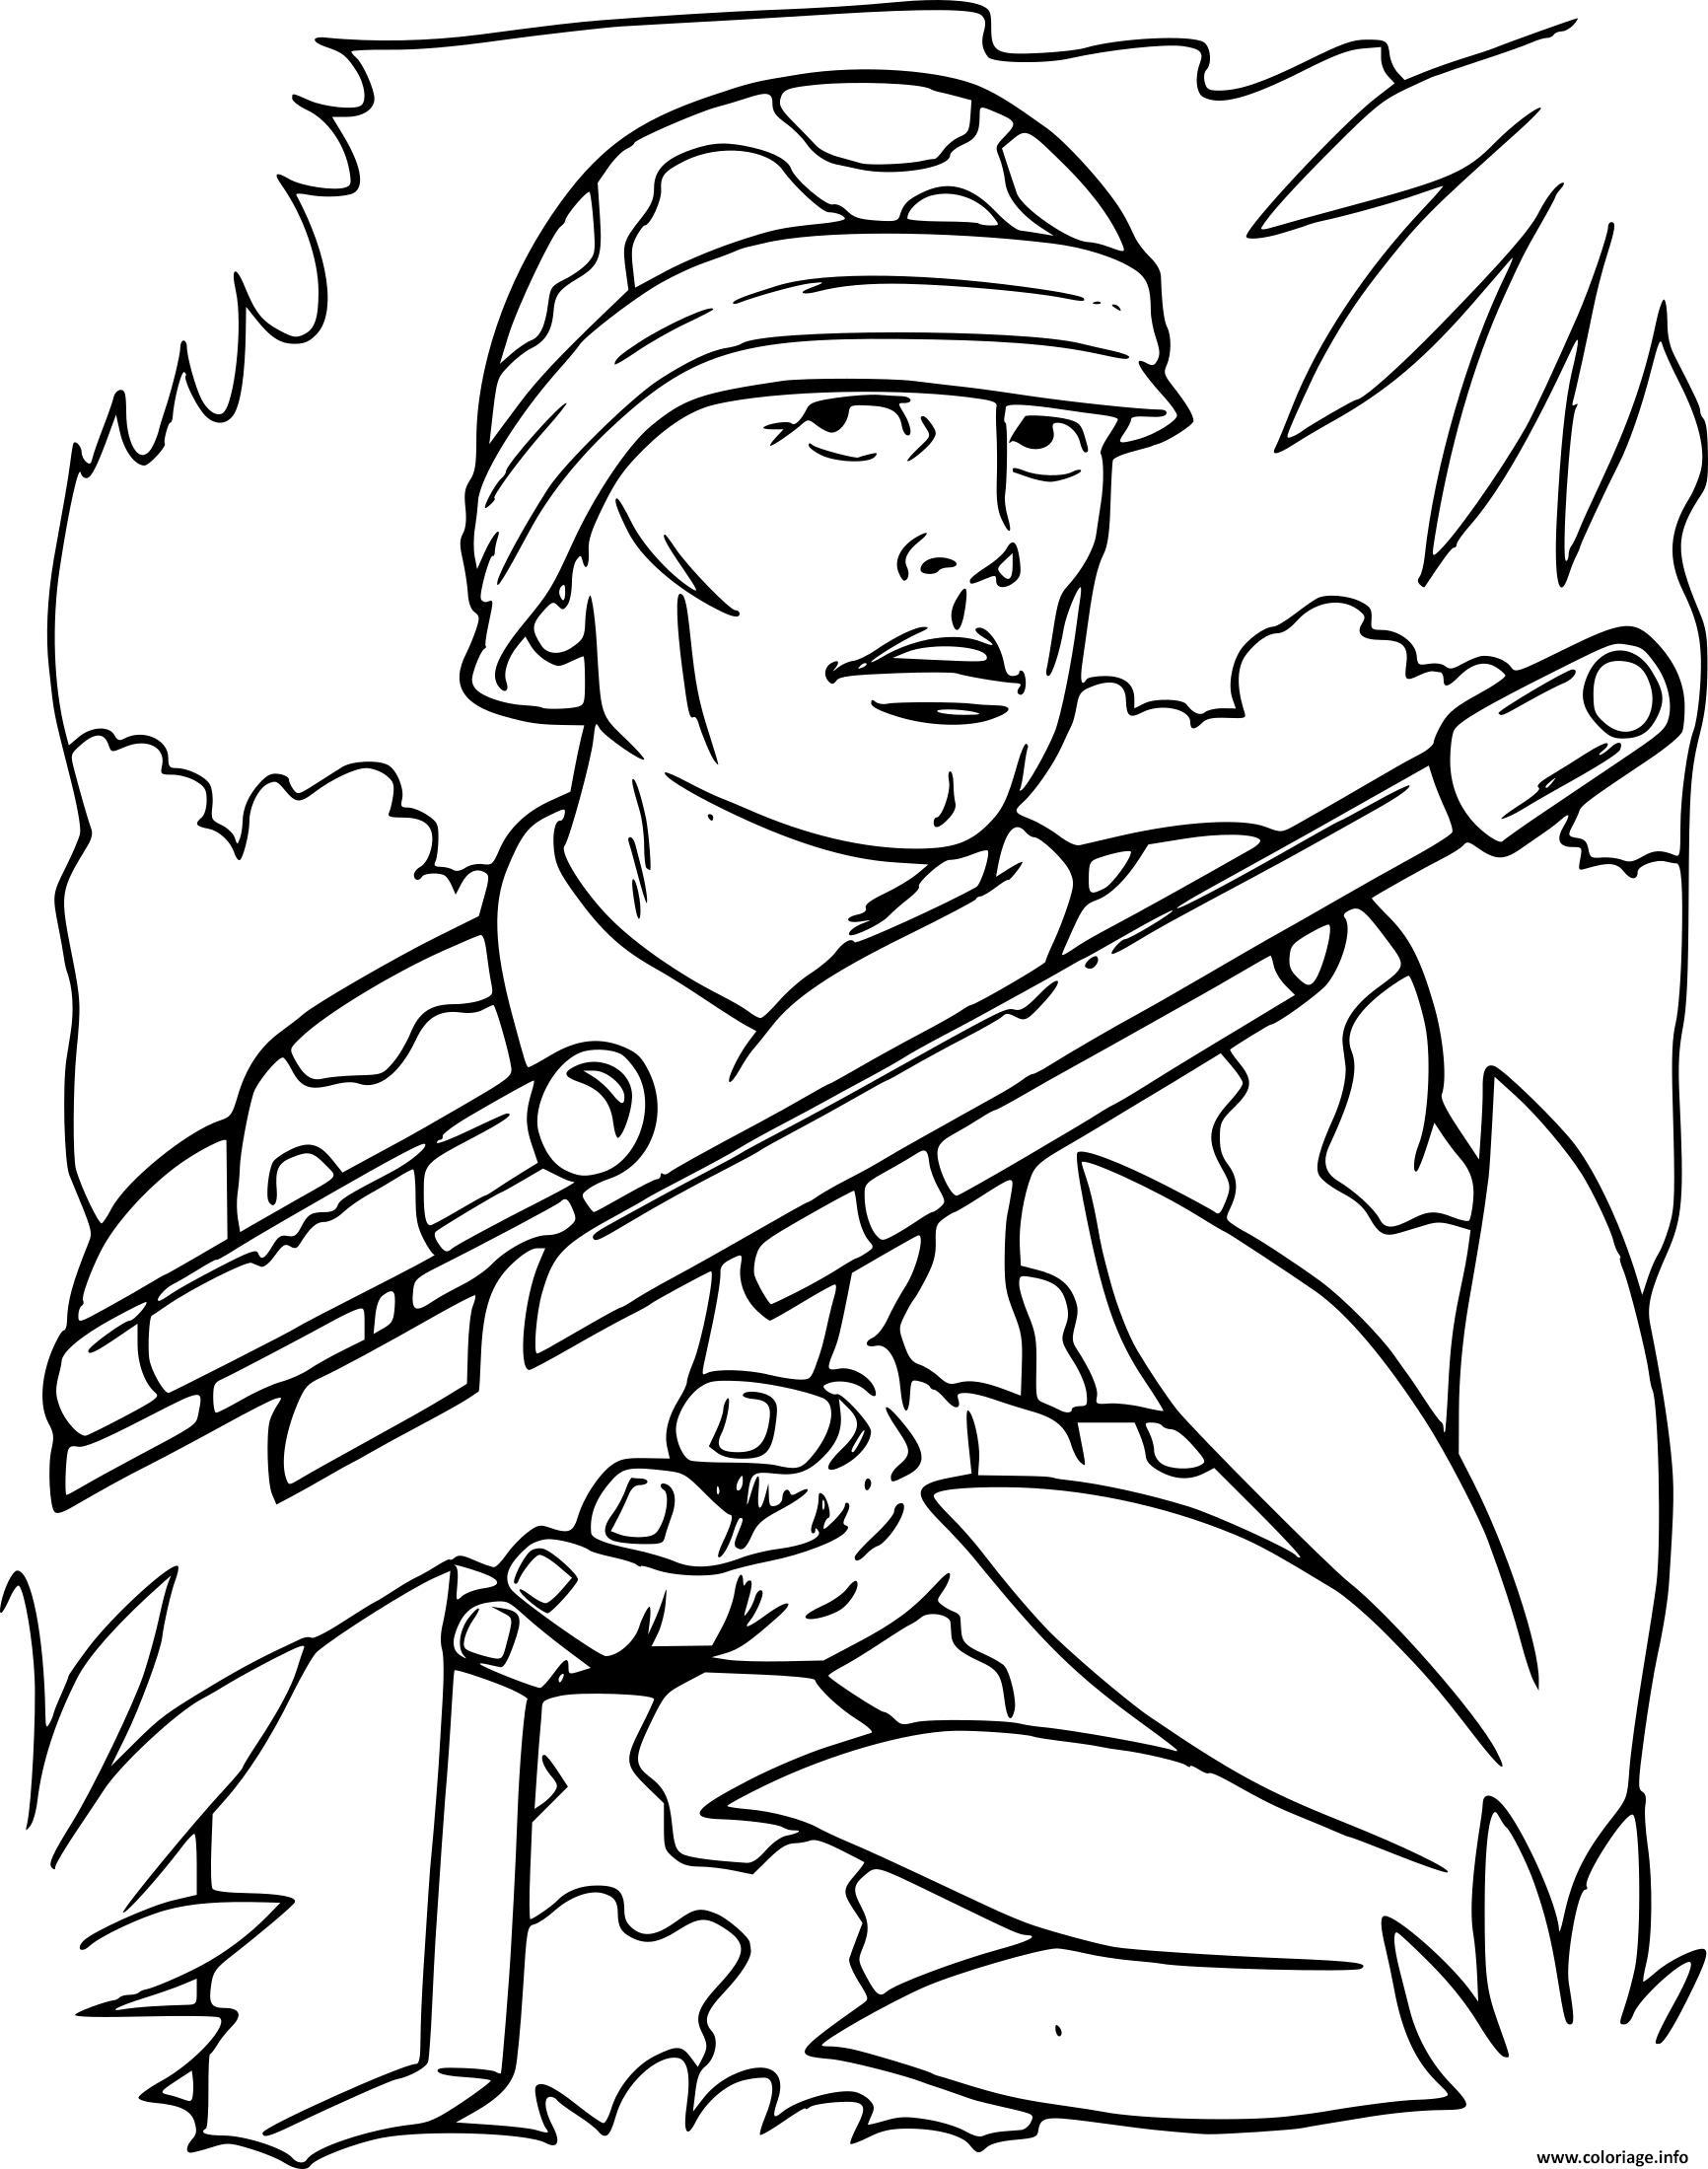 Coloriage Soldat De Guerre Dans La Foret dessin